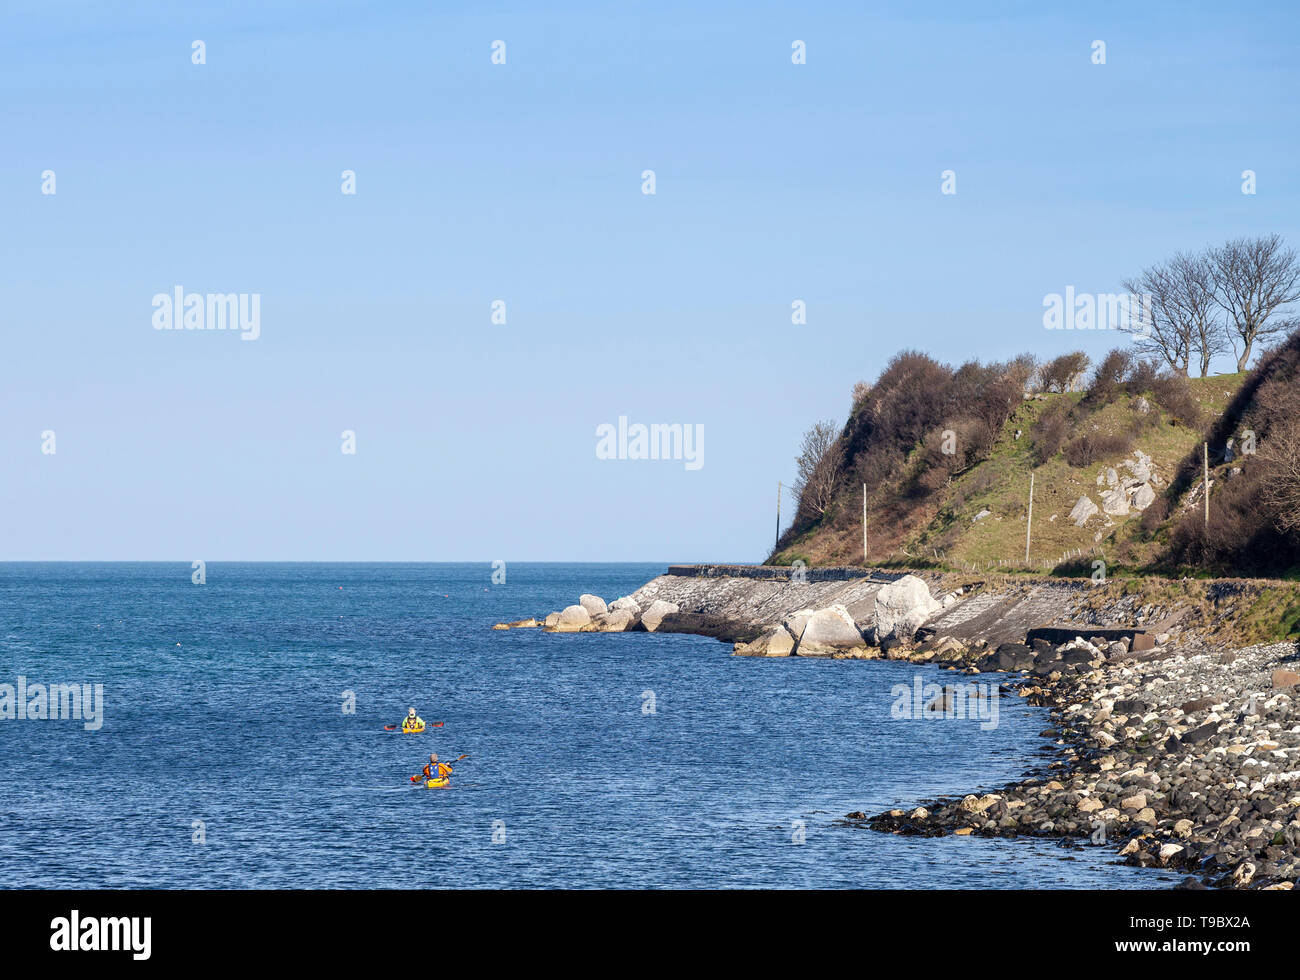 Piragüistas fuera de la costa de Antrim, Irlanda del Norte, REINO UNIDO Foto de stock